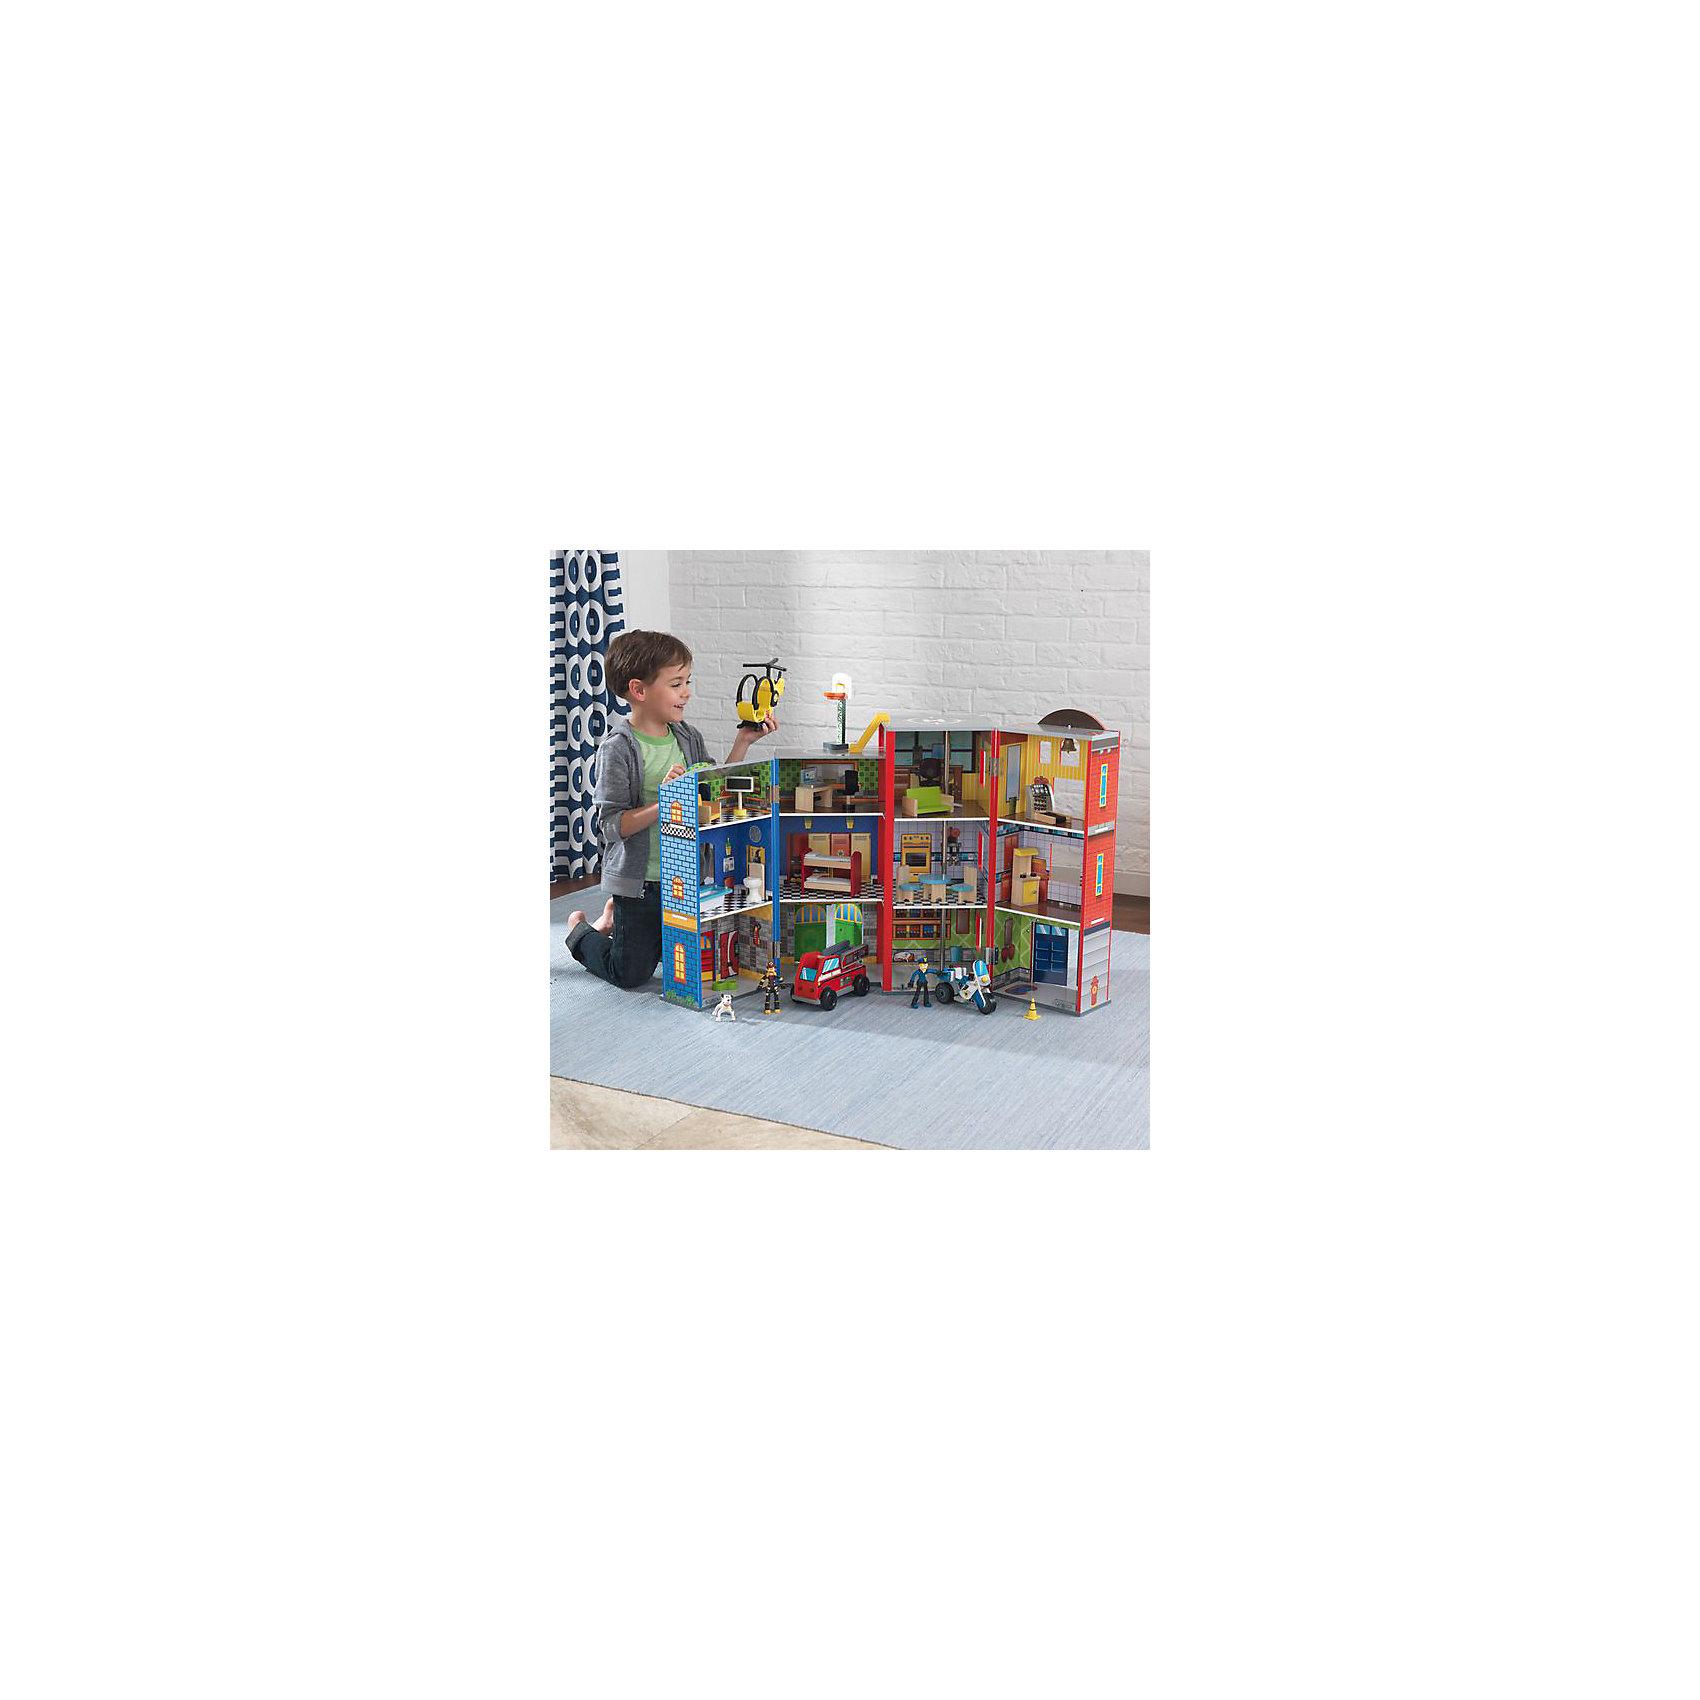 Игровой набор Здание спасательной службы, 28 эл., KidKraftИгровые наборы<br>Игровой набор Здание спасательной службы, KidKraft (КидКрафт).<br><br>Характеристики:<br>? Материал: дерево, МДФ, пластик, текстиль.<br>? Цвет: разноцветный.<br>? 3 этажа, 12 служебных помещений.<br>? 28 игровых элементов.<br>? Конструкция частично открытая (задняя стенка глухая, лицевая часть полностью открыта).<br>? Конструкция продается в разобранном виде. Инструкция по сборке входит в комплект.<br>? Размер игрушки в собранном виде - 54х33х30 см.<br>? Размер упаковки - 59х35х8 см.<br>? Вес: 5 кг.<br>В комплект входит: <br>- здание; <br>- мебель; <br>- собака; <br>- машина; <br>- вертолет; <br>- мотоцикл. <br><br>Игровой набор «Здание спасательной службы», KidKraft (КидКрафт) – это набор для увлекательной сюжетно- ролевой игры. Основная конструкция здания изготовлена из дерева с деталями из текстиля и прочного нетоксичного пластика. Здание состоит из трех этажей, на которых расположены 12 служебных помещений. Крыша оборудована вертолетной площадкой. Спасательная техника состоит из: мотоцикла полицейского, машины спасателей и вертолета для трудно доступной местности. Комплект дополнен мини-фигурками 2 спасателей и 2 собак.<br>С Игровым набором «Здание спасательной службы», KidKraft (КидКрафт) ваш мальчик попробует себя в роли спасателя, который выполняет трудные задания и приходит на помощь! <br><br>Игровой набор «Здание спасательной службы», KidKraft (КидКрафт), можно купить в нашем интернет – магазине.<br><br>Ширина мм: 740<br>Глубина мм: 470<br>Высота мм: 150<br>Вес г: 12900<br>Возраст от месяцев: 36<br>Возраст до месяцев: 120<br>Пол: Женский<br>Возраст: Детский<br>SKU: 5069795